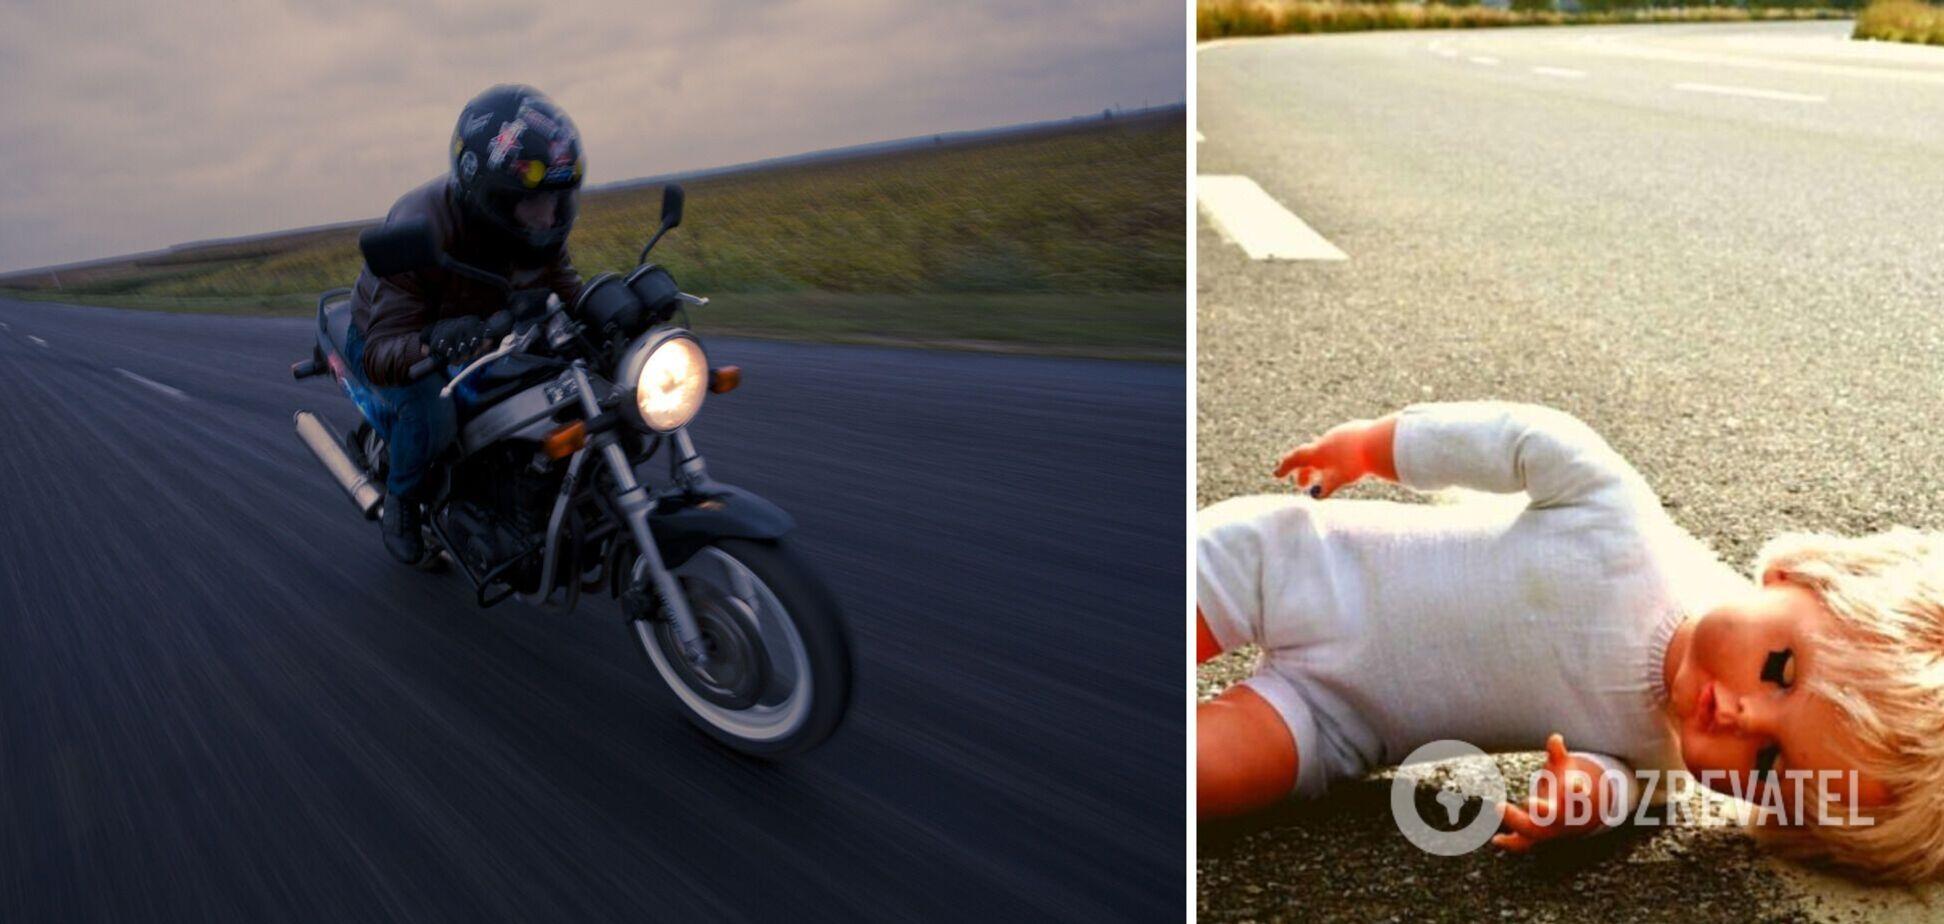 На Прикарпатті 17-річний мотоцикліст збив матір з дитиною на переході: дівчинка померла. Фото і відео